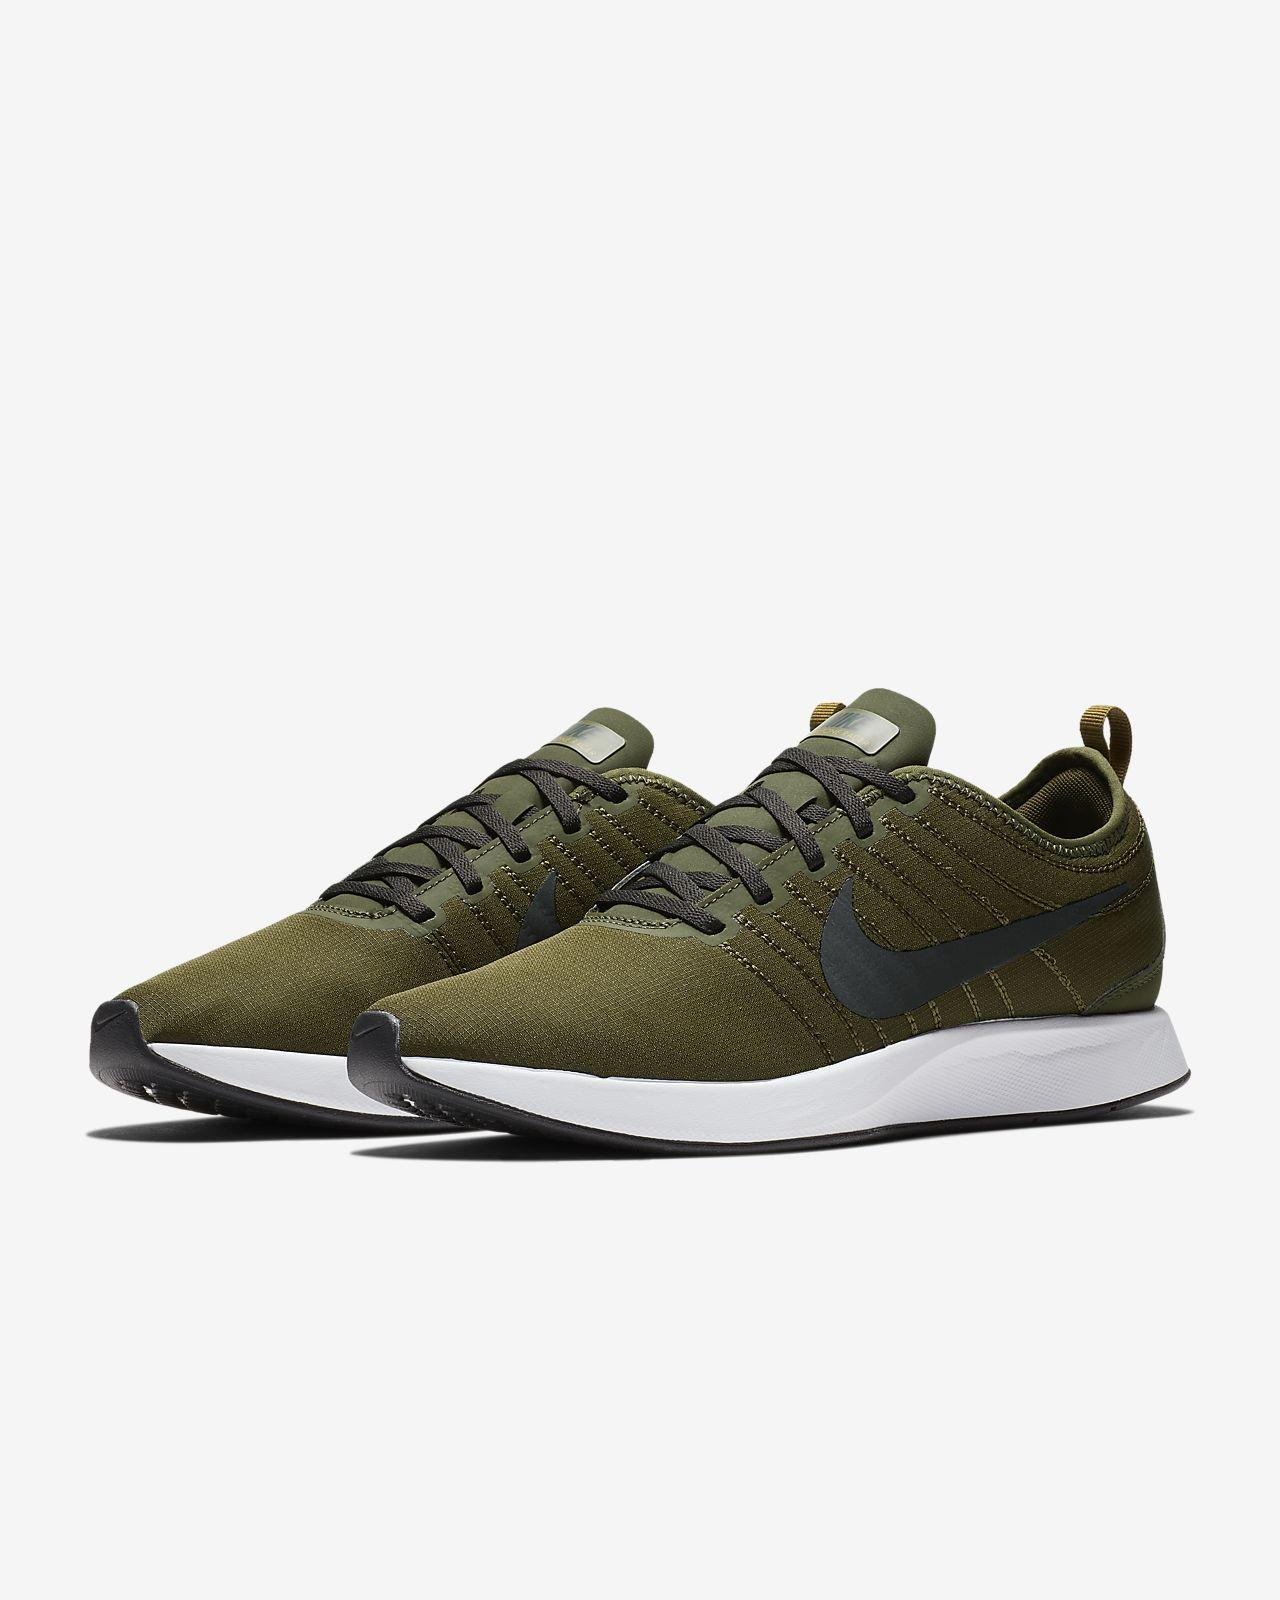 b654e02a4030 Nike Dualtone Racer Men s Shoe. Nike.com AU